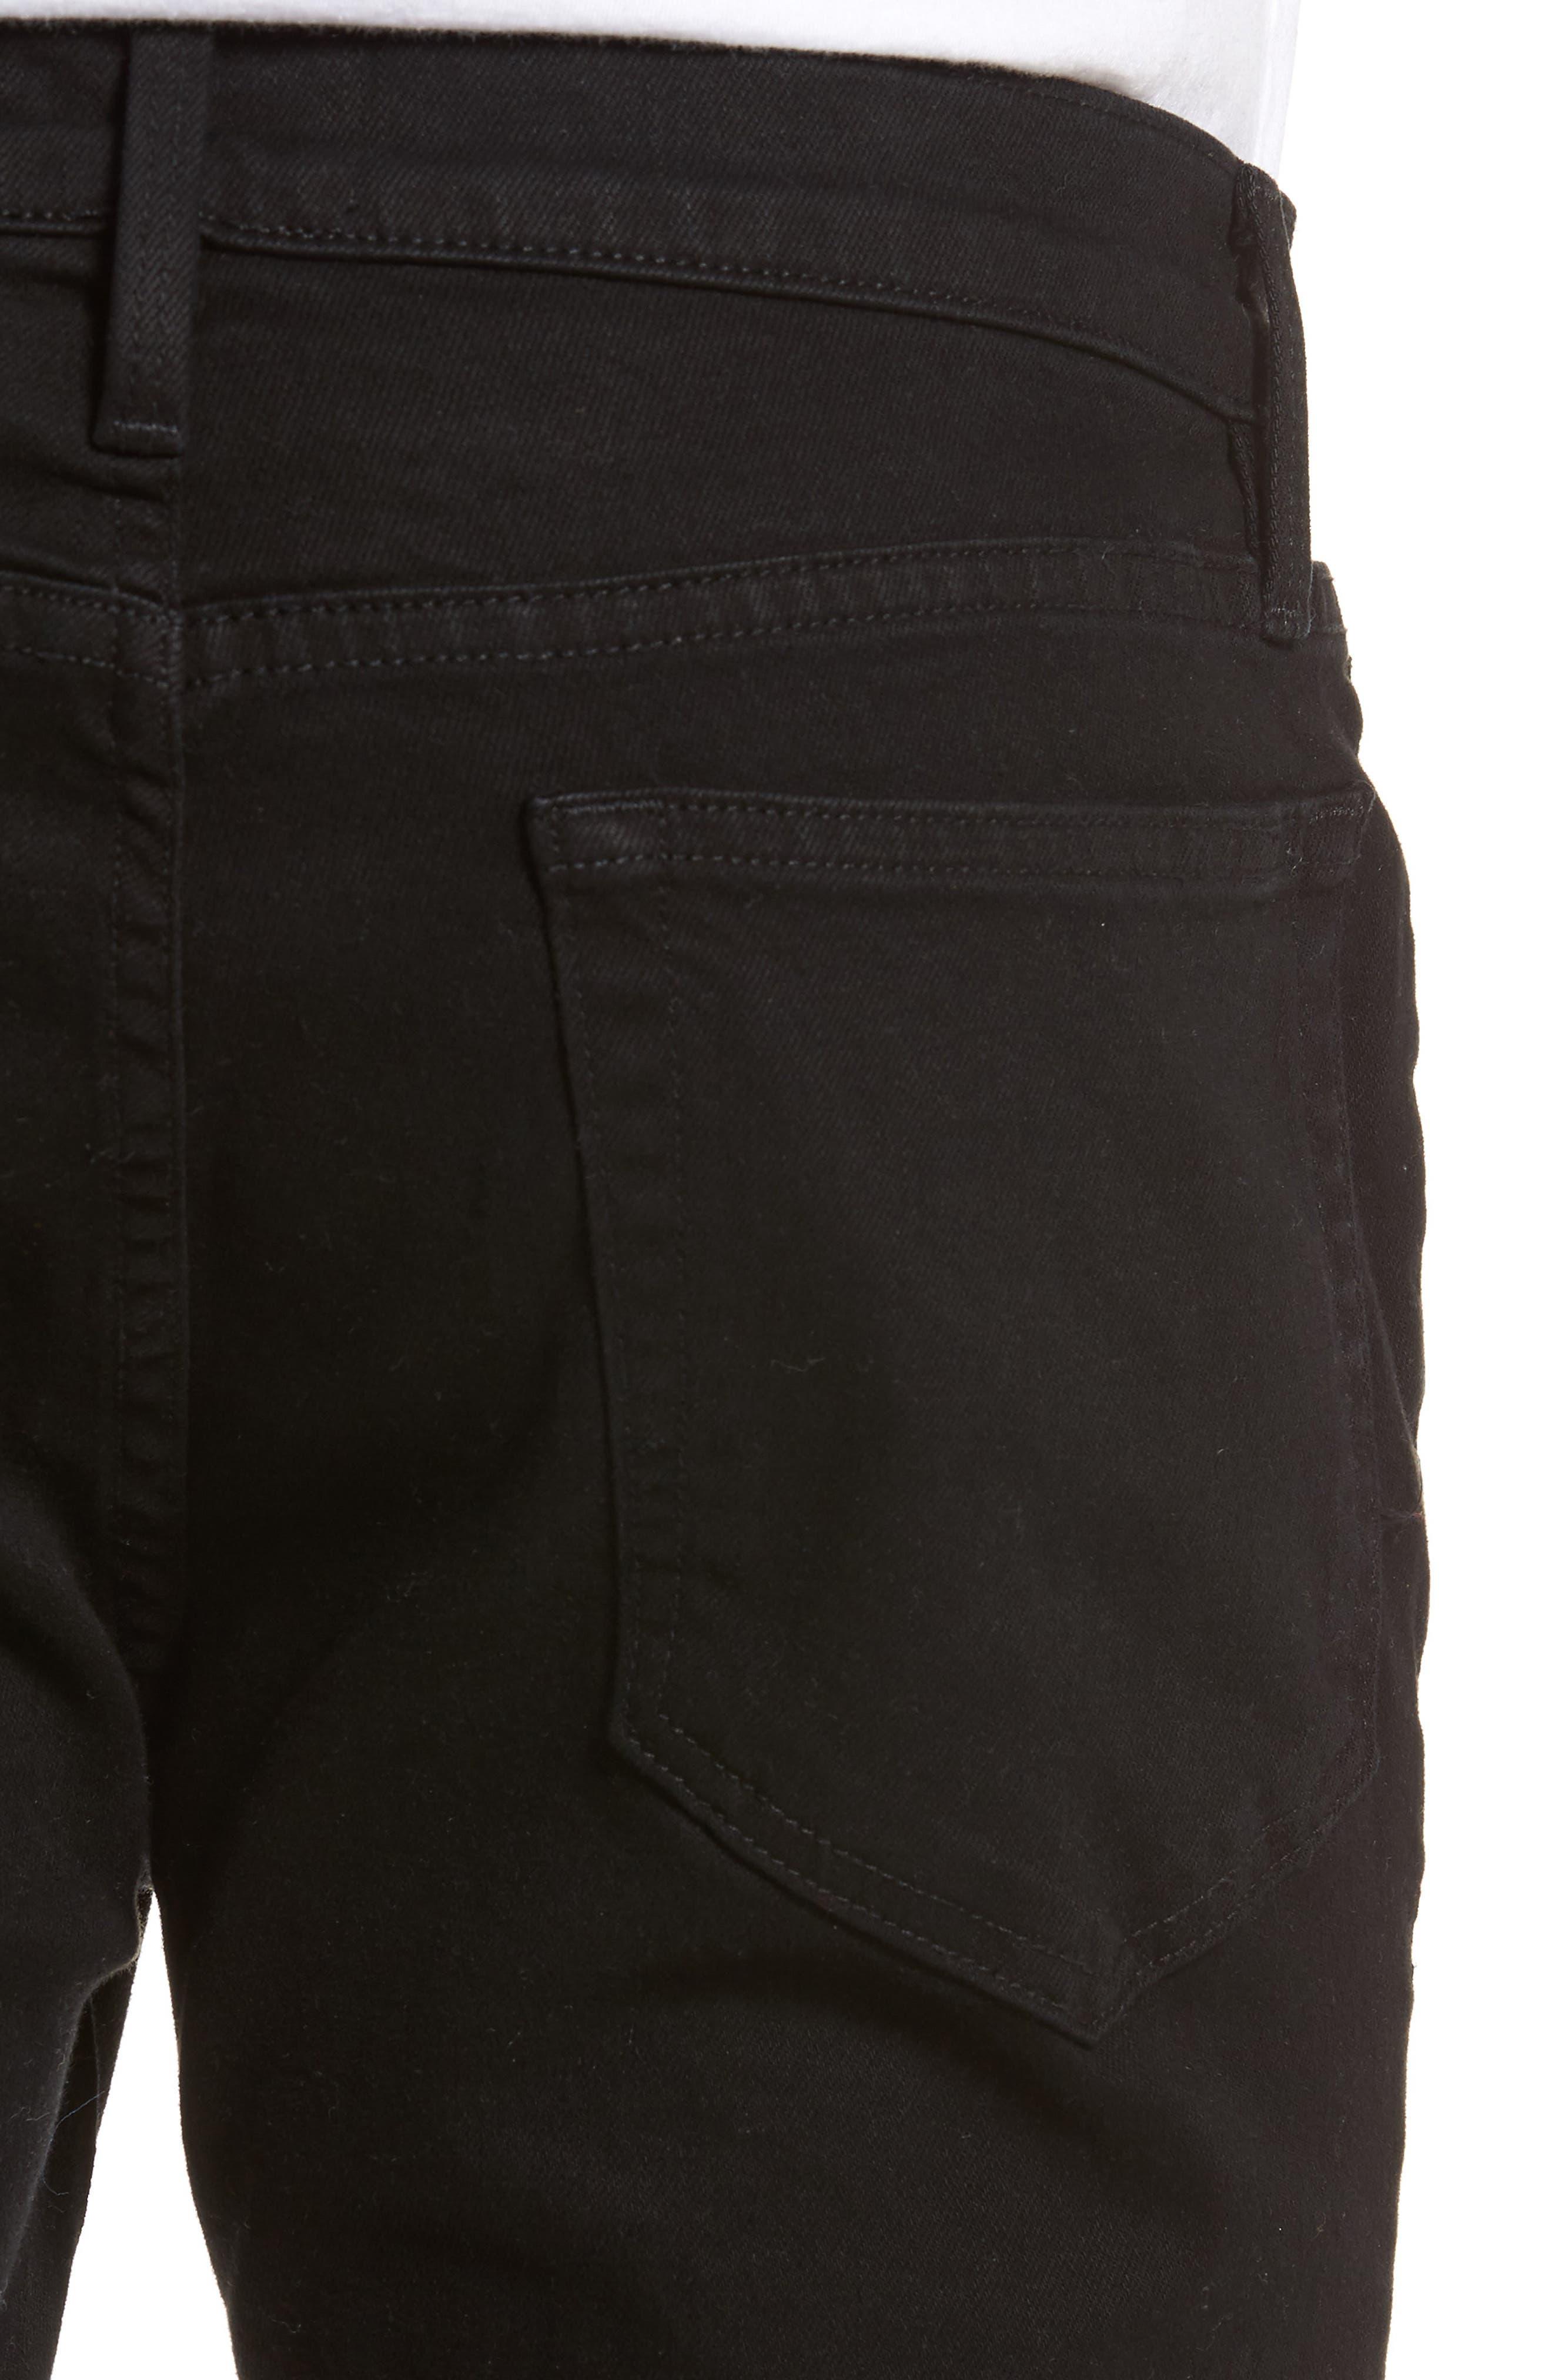 L'Homme Skinny Fit Jeans,                             Alternate thumbnail 4, color,                             Noir